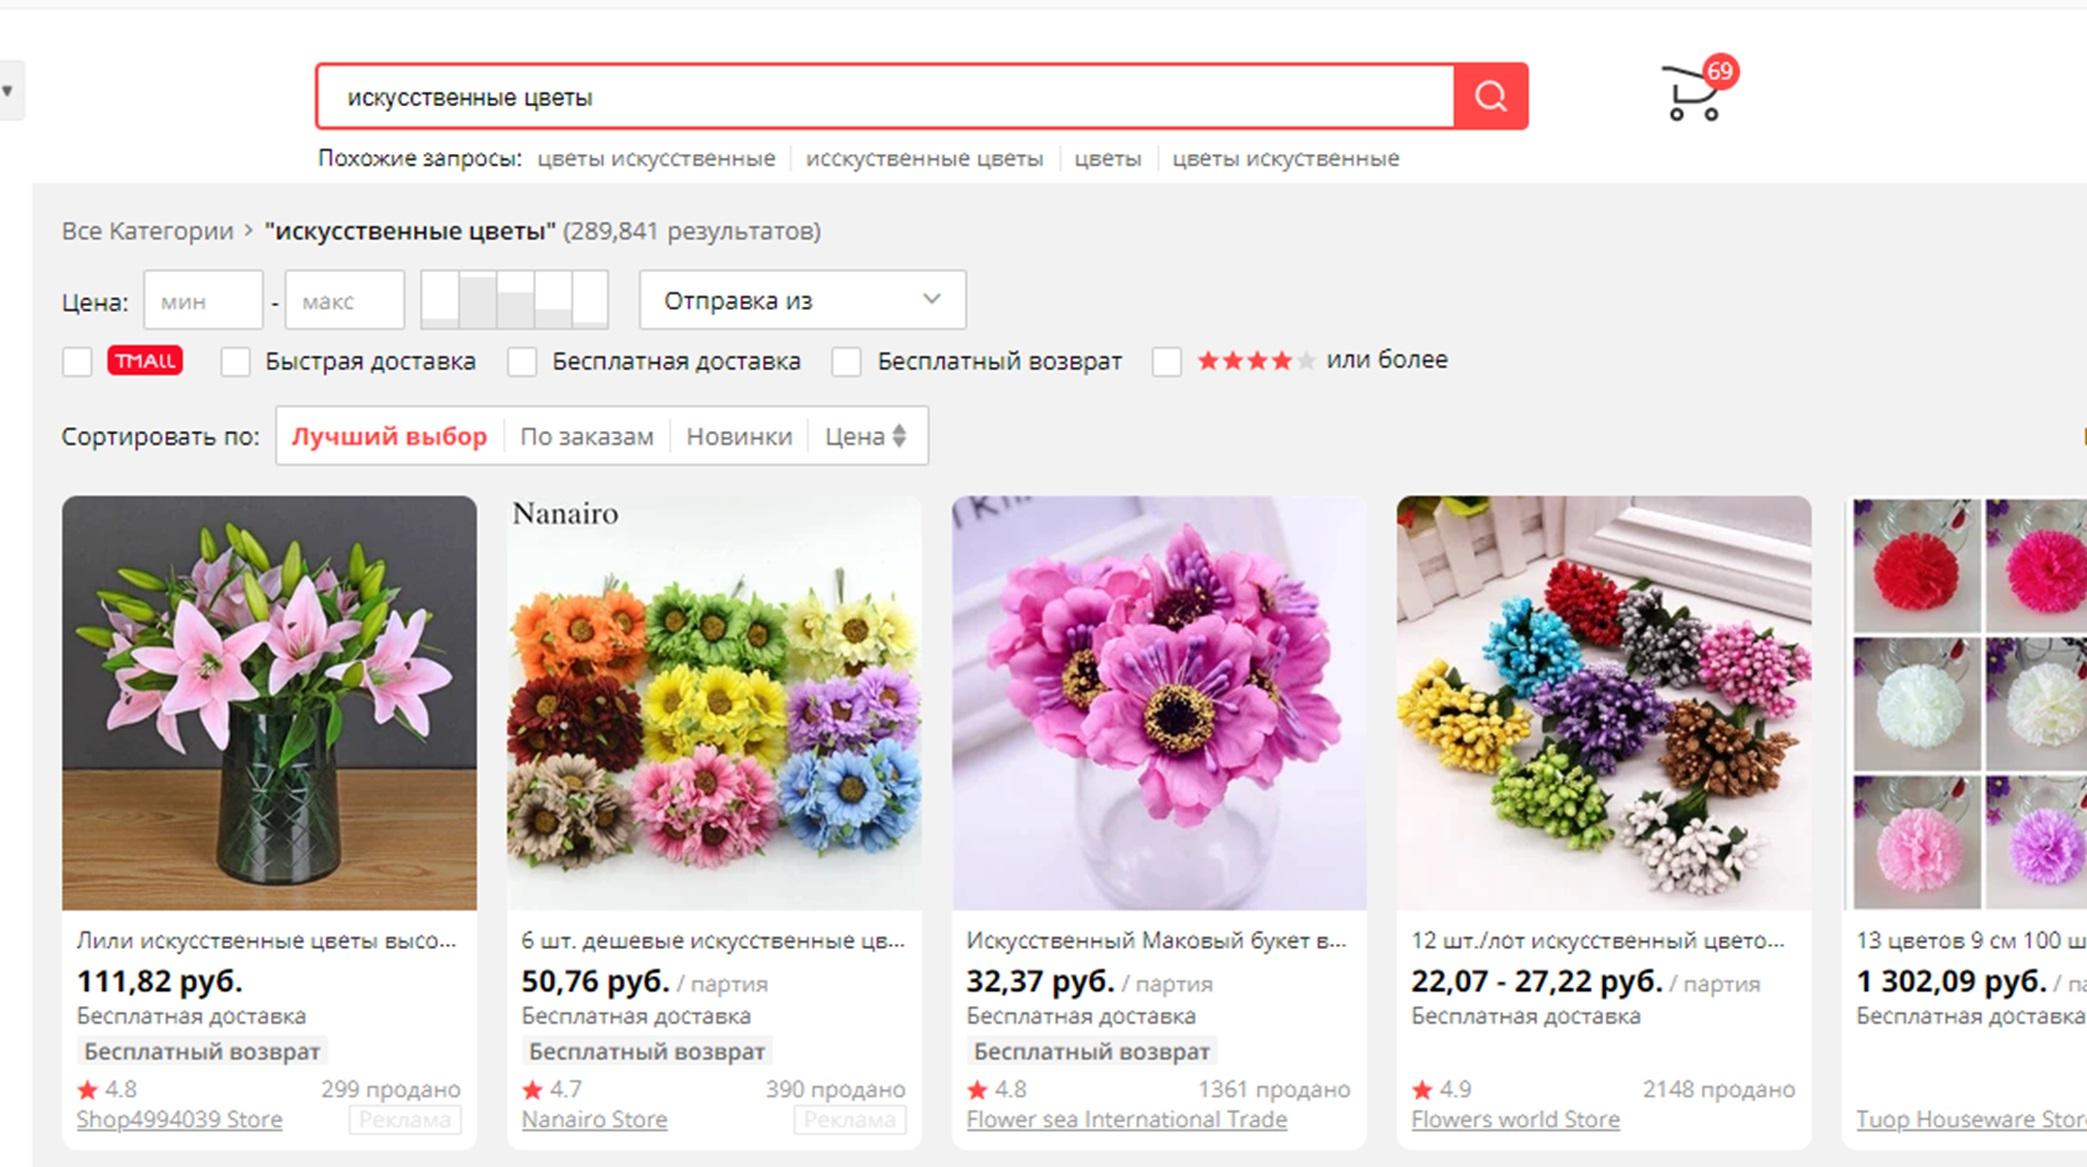 Поиск искусственных цветов на Алиэкспресс